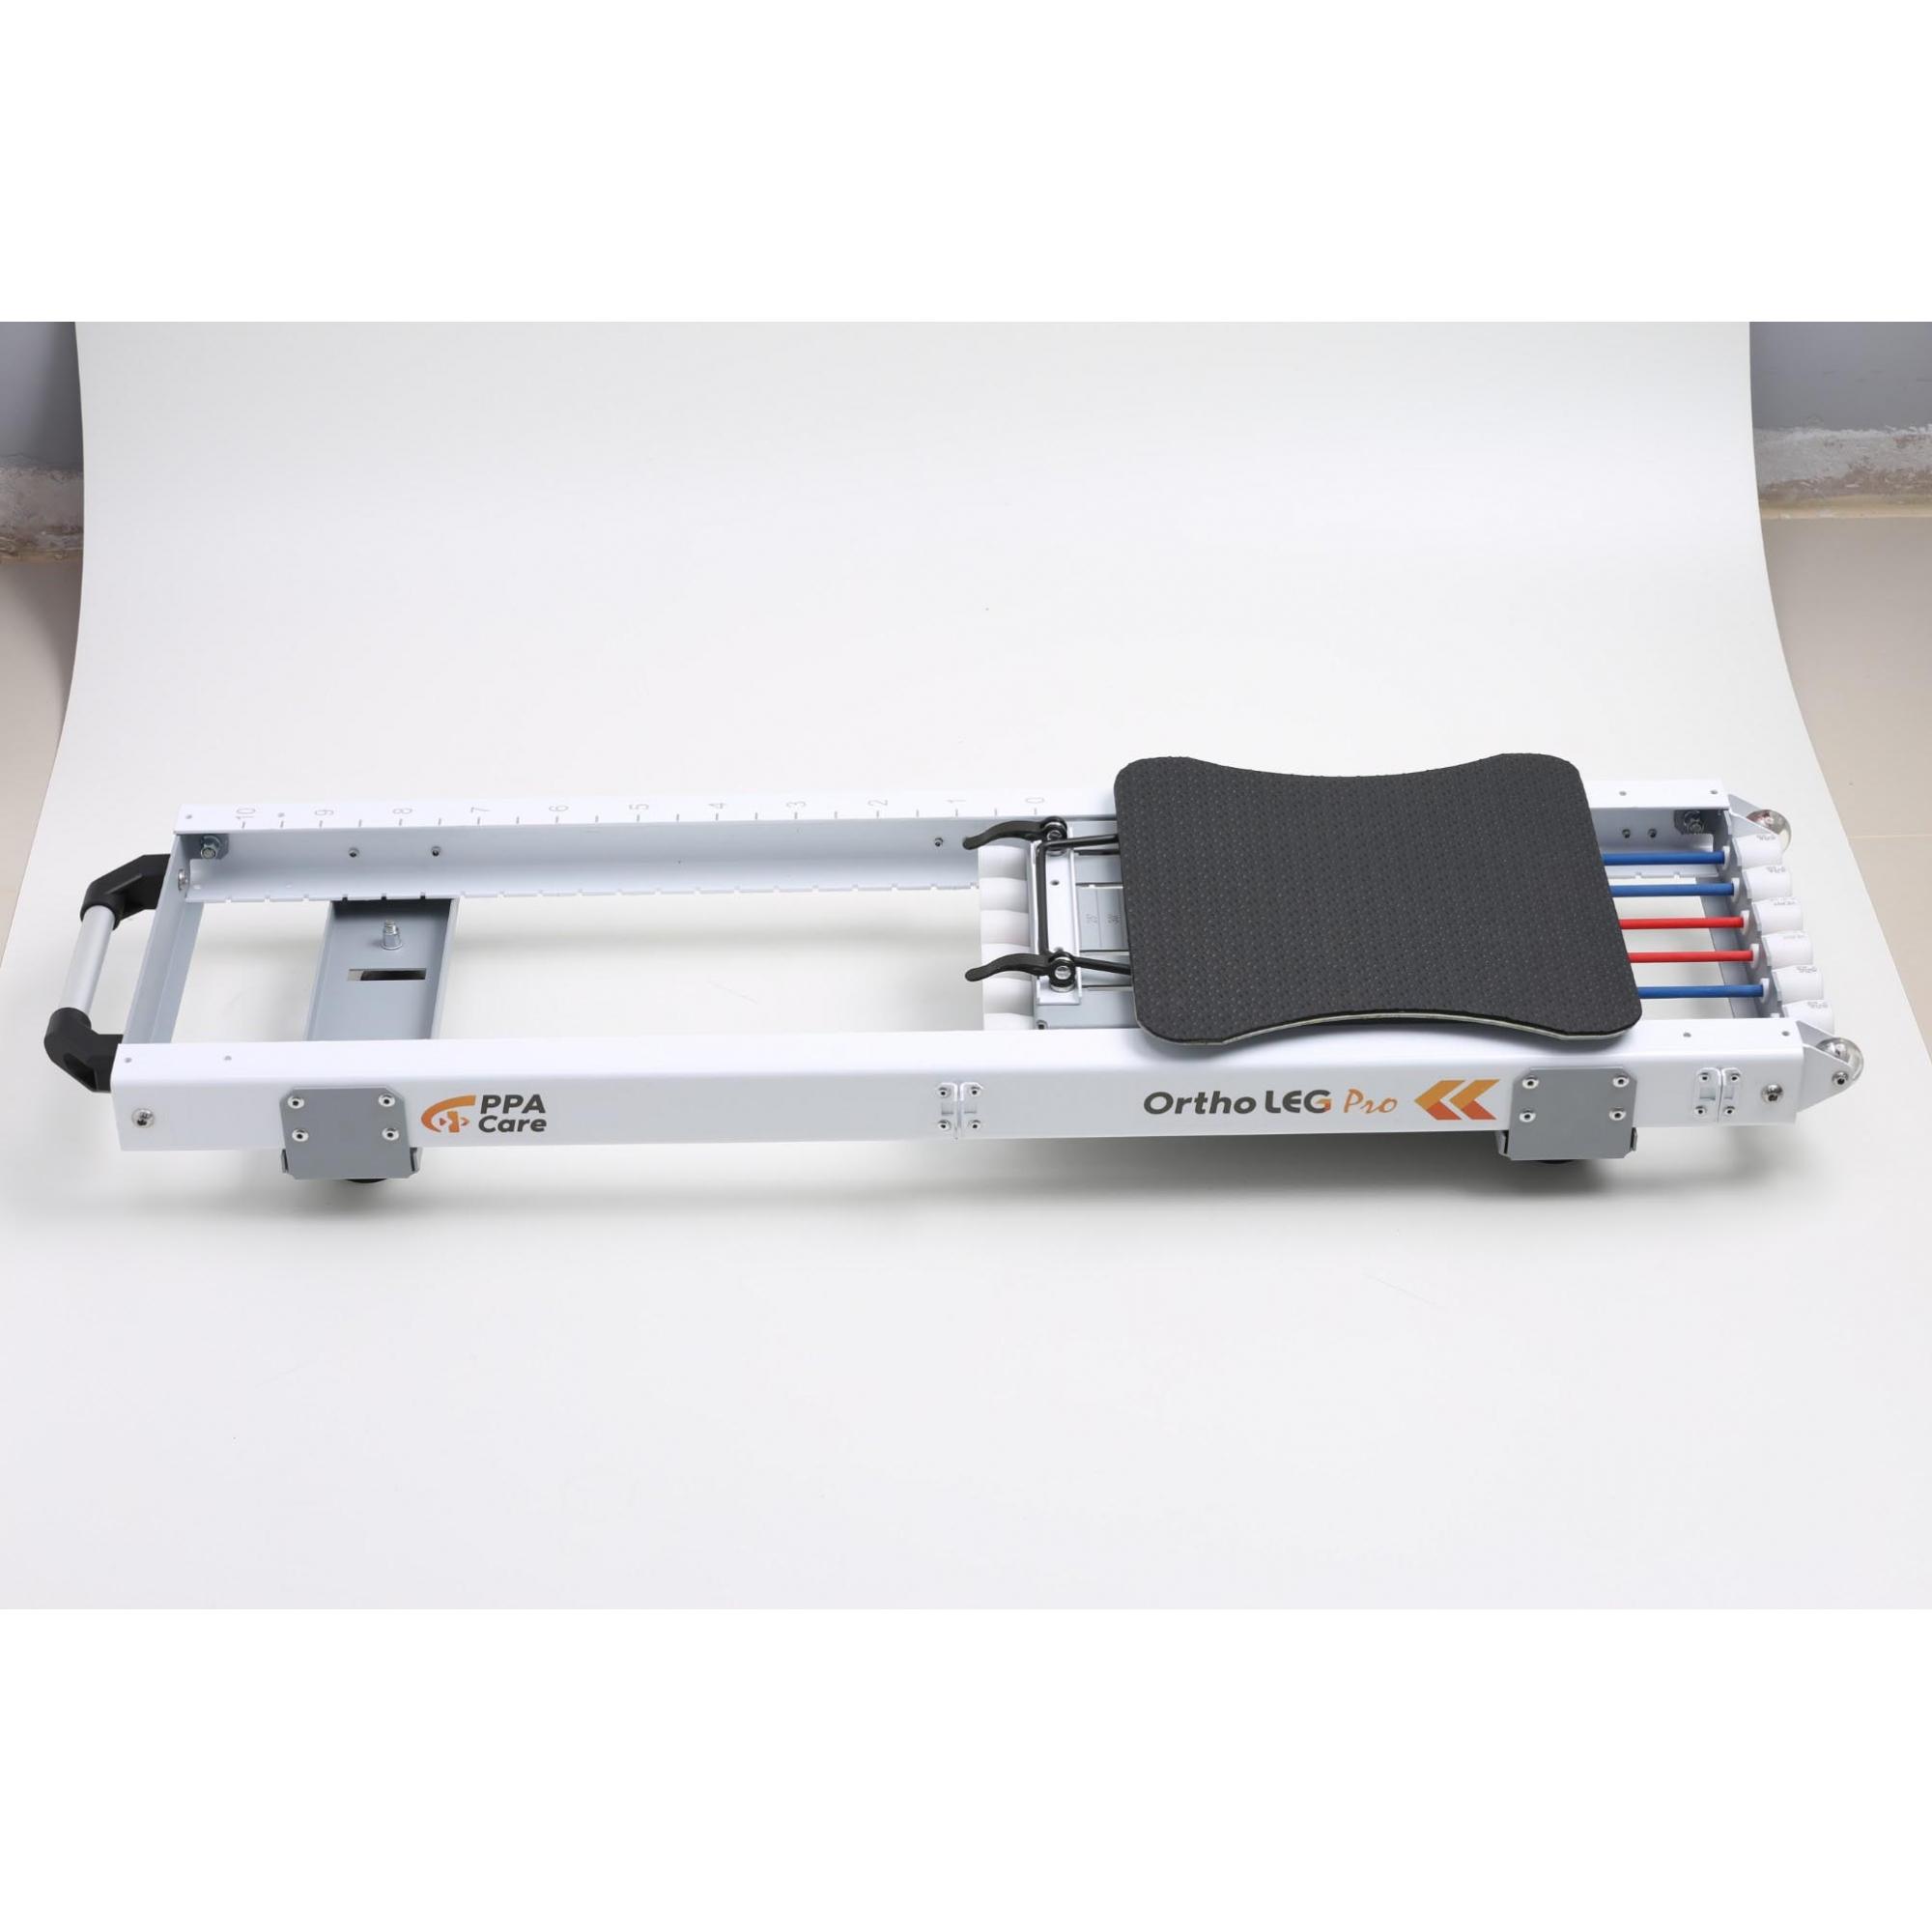 Exercitador para Fortalecimento e Reabilitação Muscular ORTHO LEG Pro